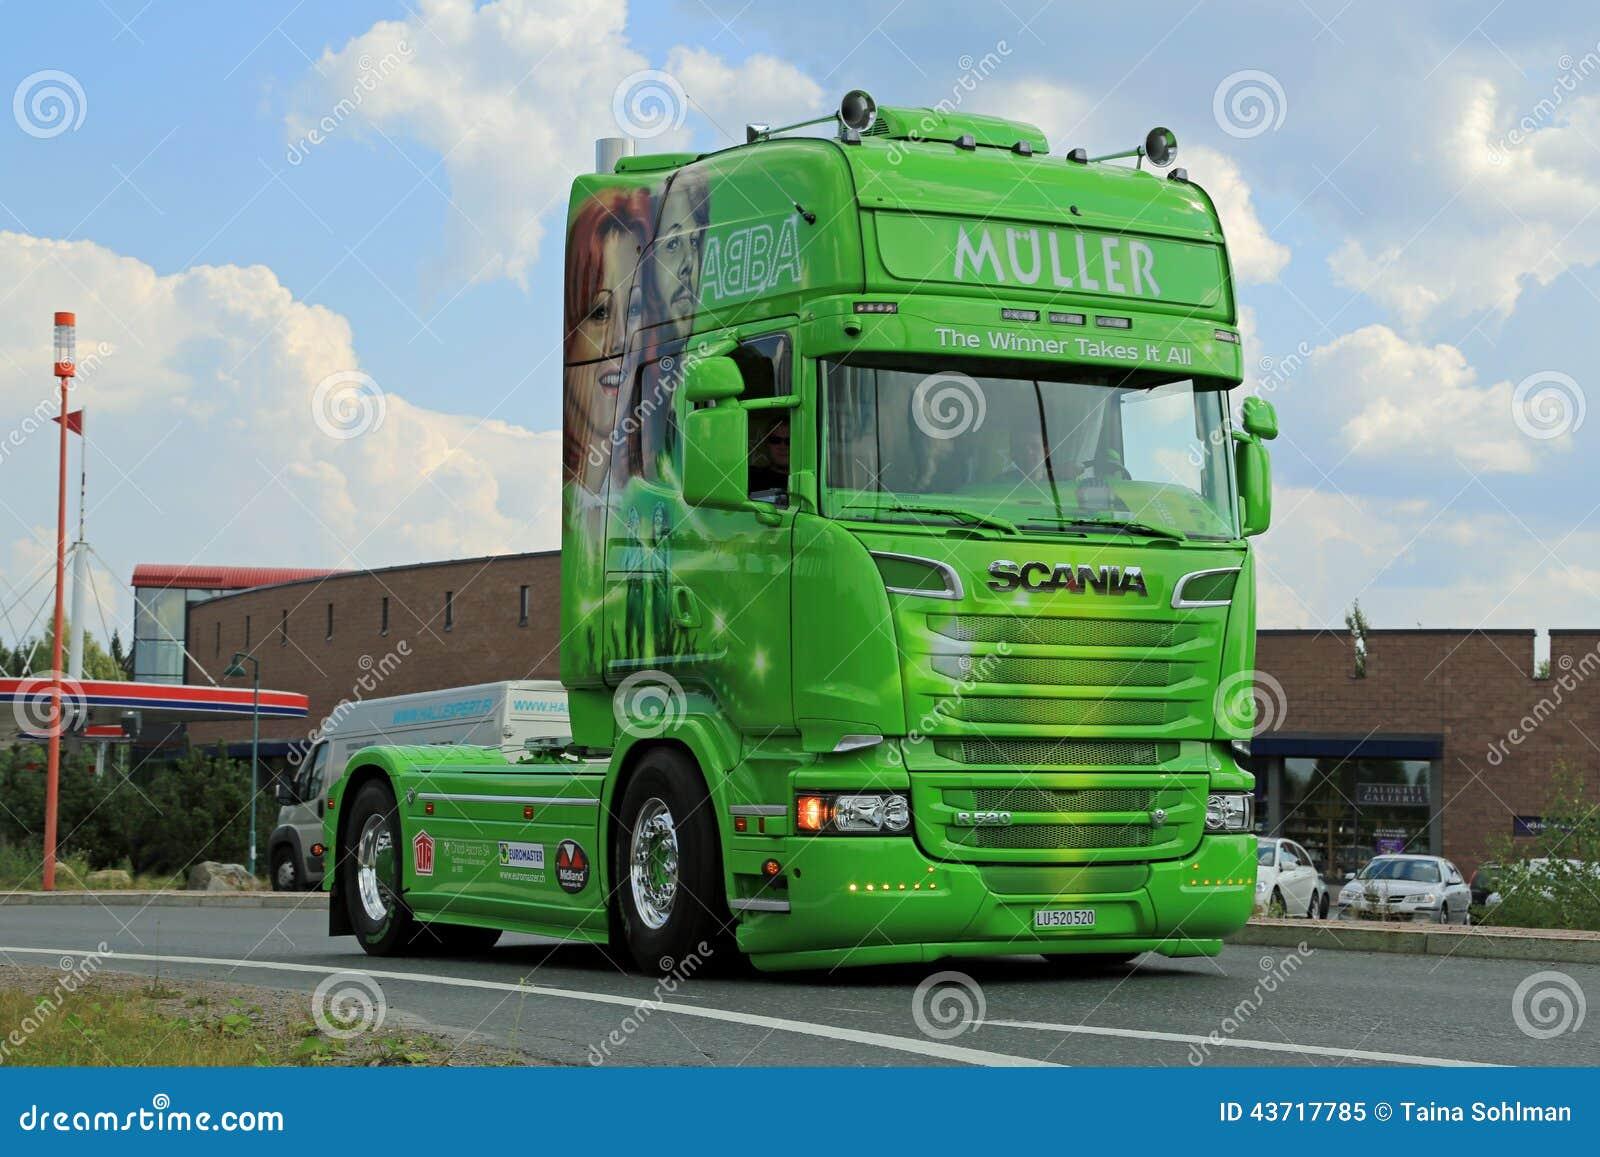 Muller ABBA Scania R520 de Winnaar neemt het allen